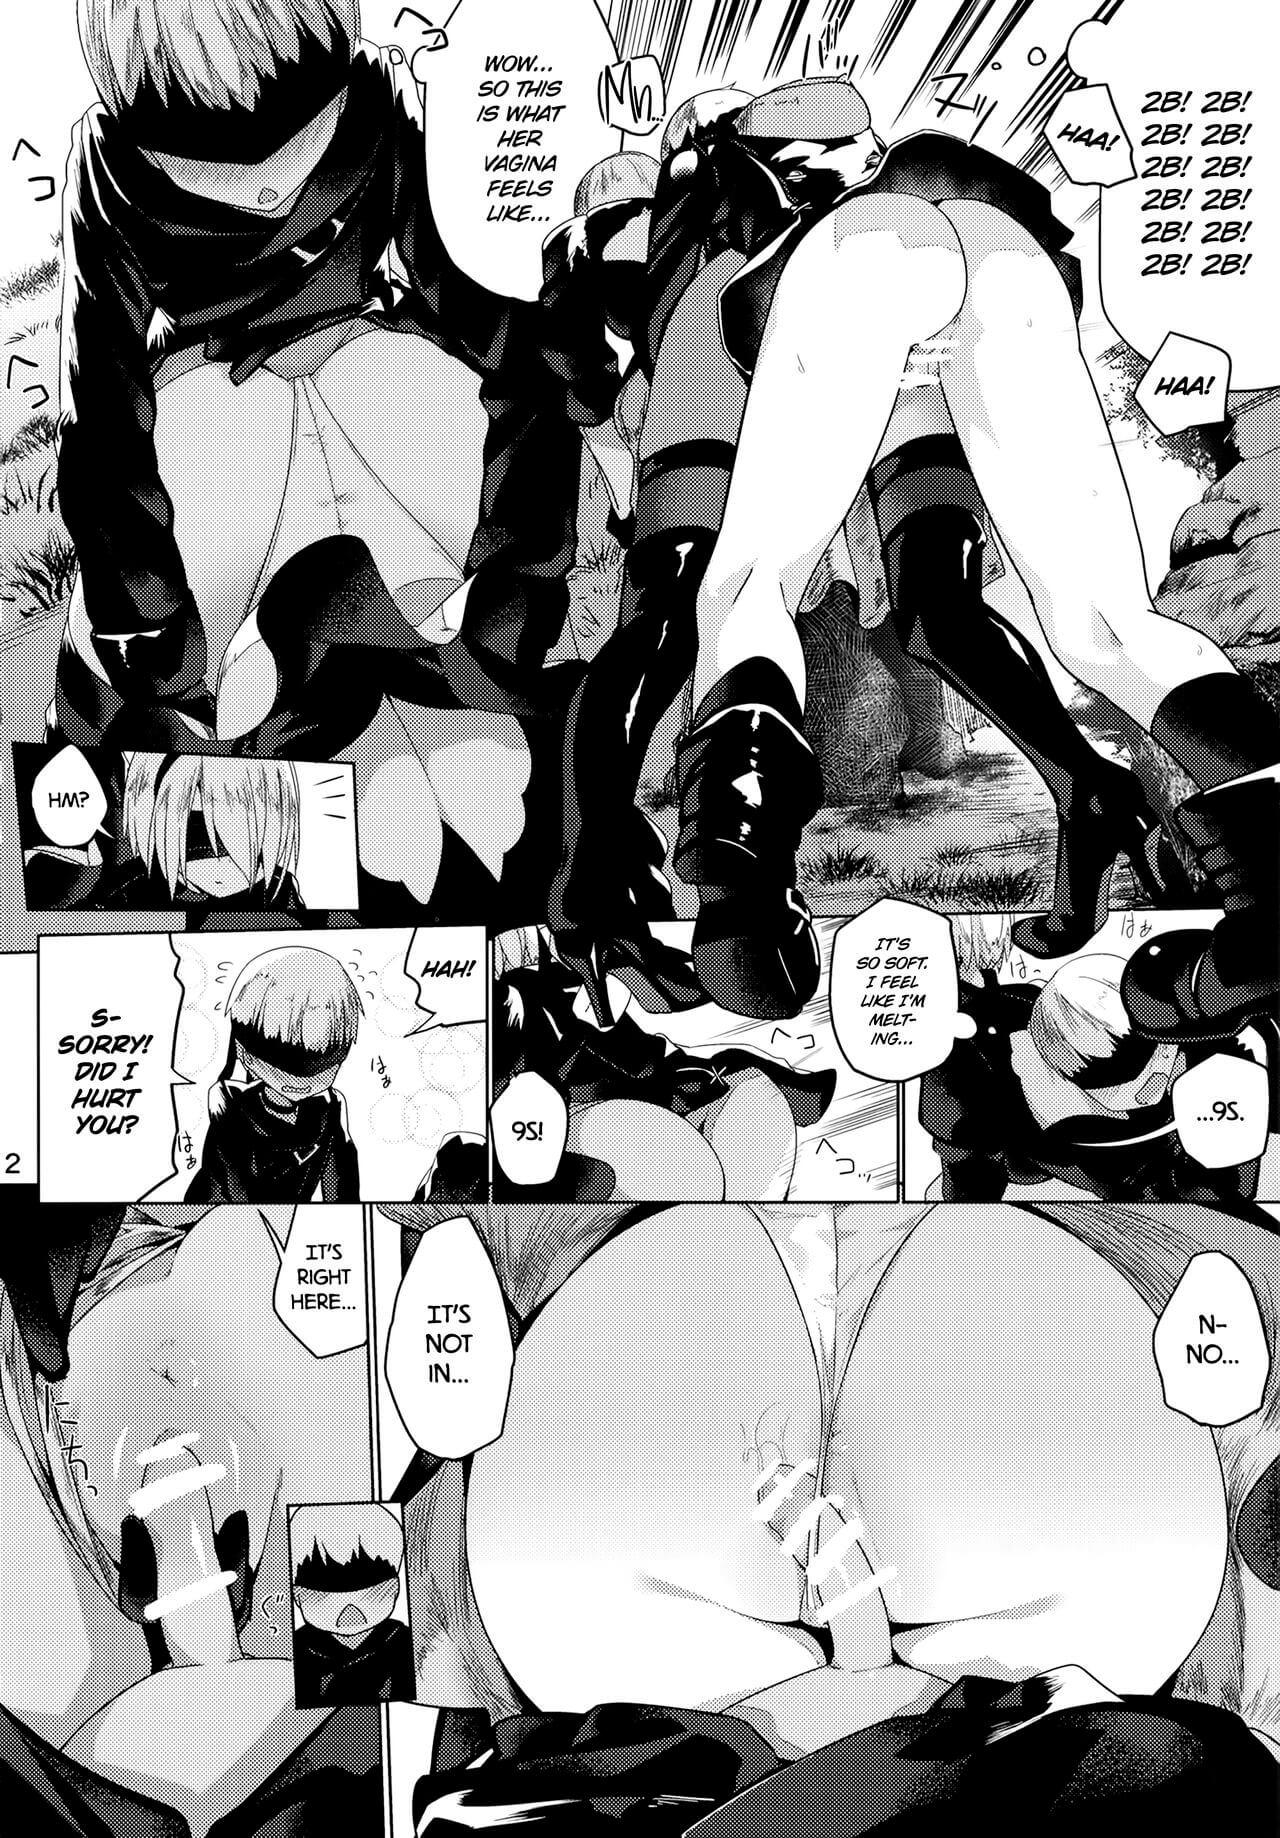 NieR:Automata Hentai